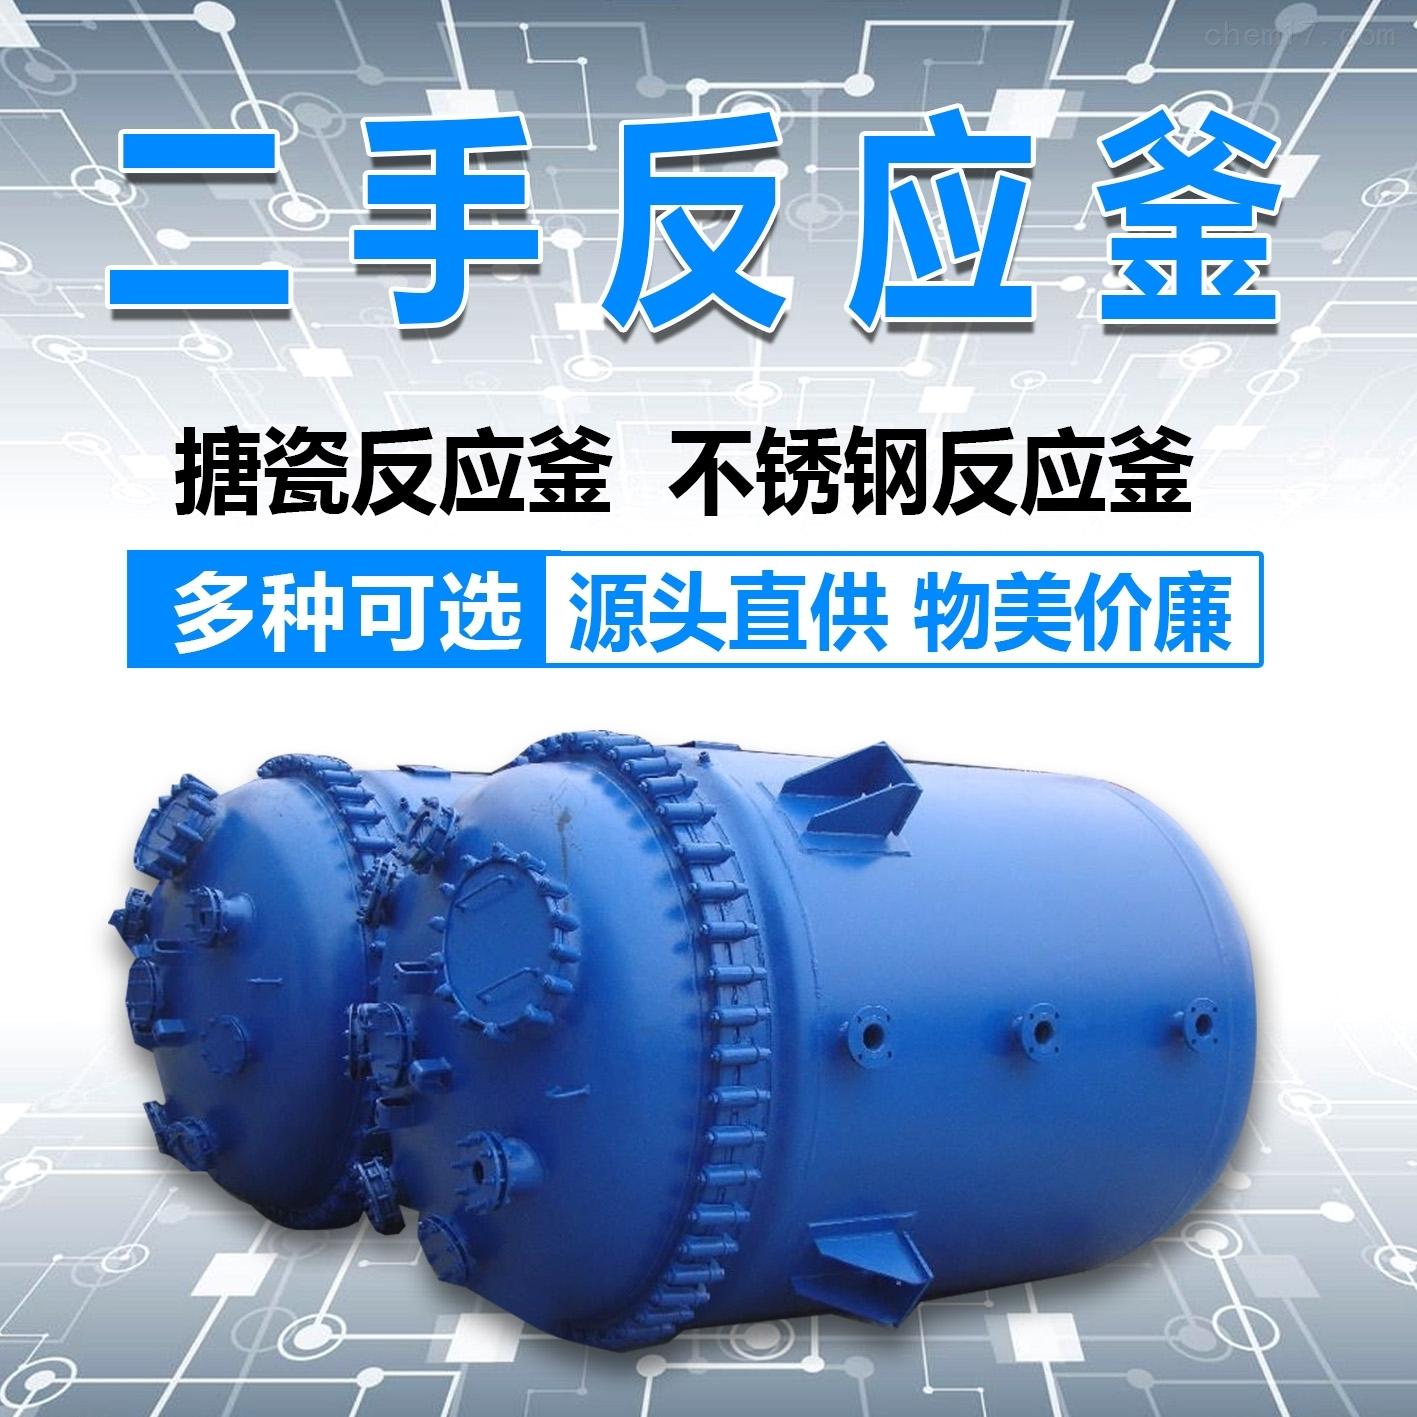 厂家出售二手反应釜304电加热搪瓷实验室用